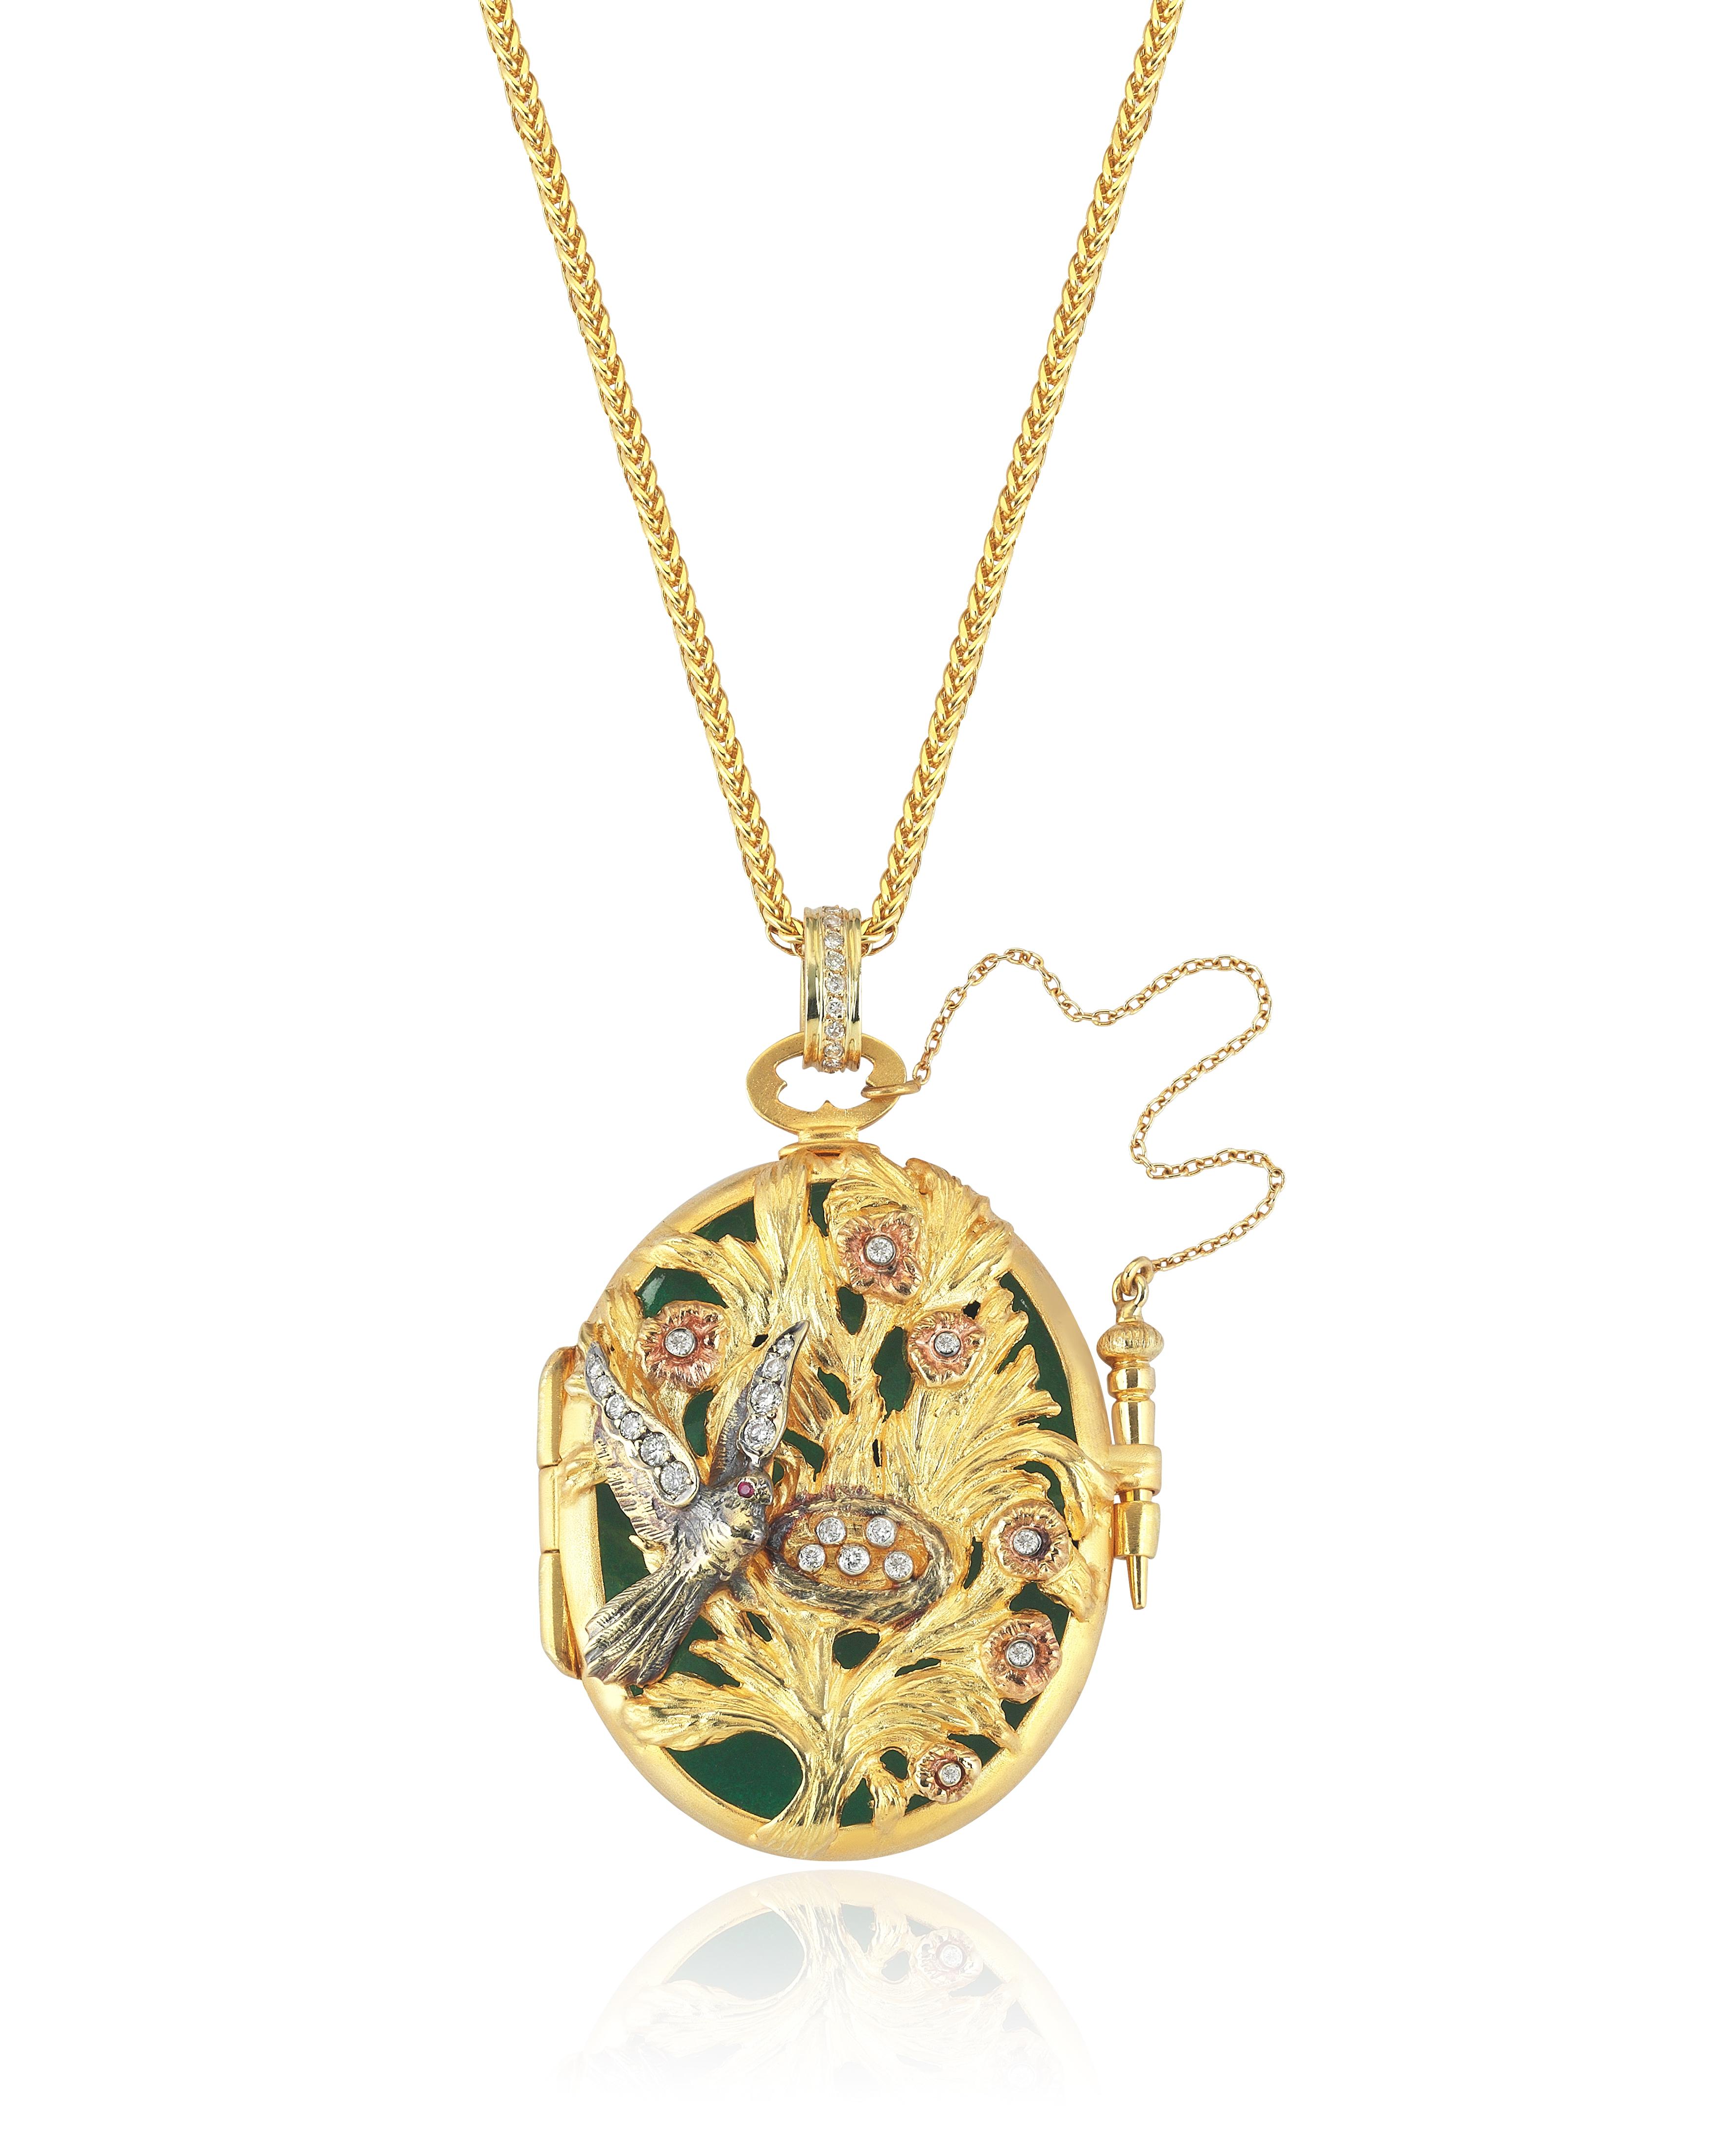 Con una pieza de joyería siempre vas a la segura. Esta cadena con dije de Aida Bergsen en oro amarillo de 18 kilates, diamantes y rubíes está disponible en Reinhold Jewelers y reinholdjewelers.com. (Suministrada)